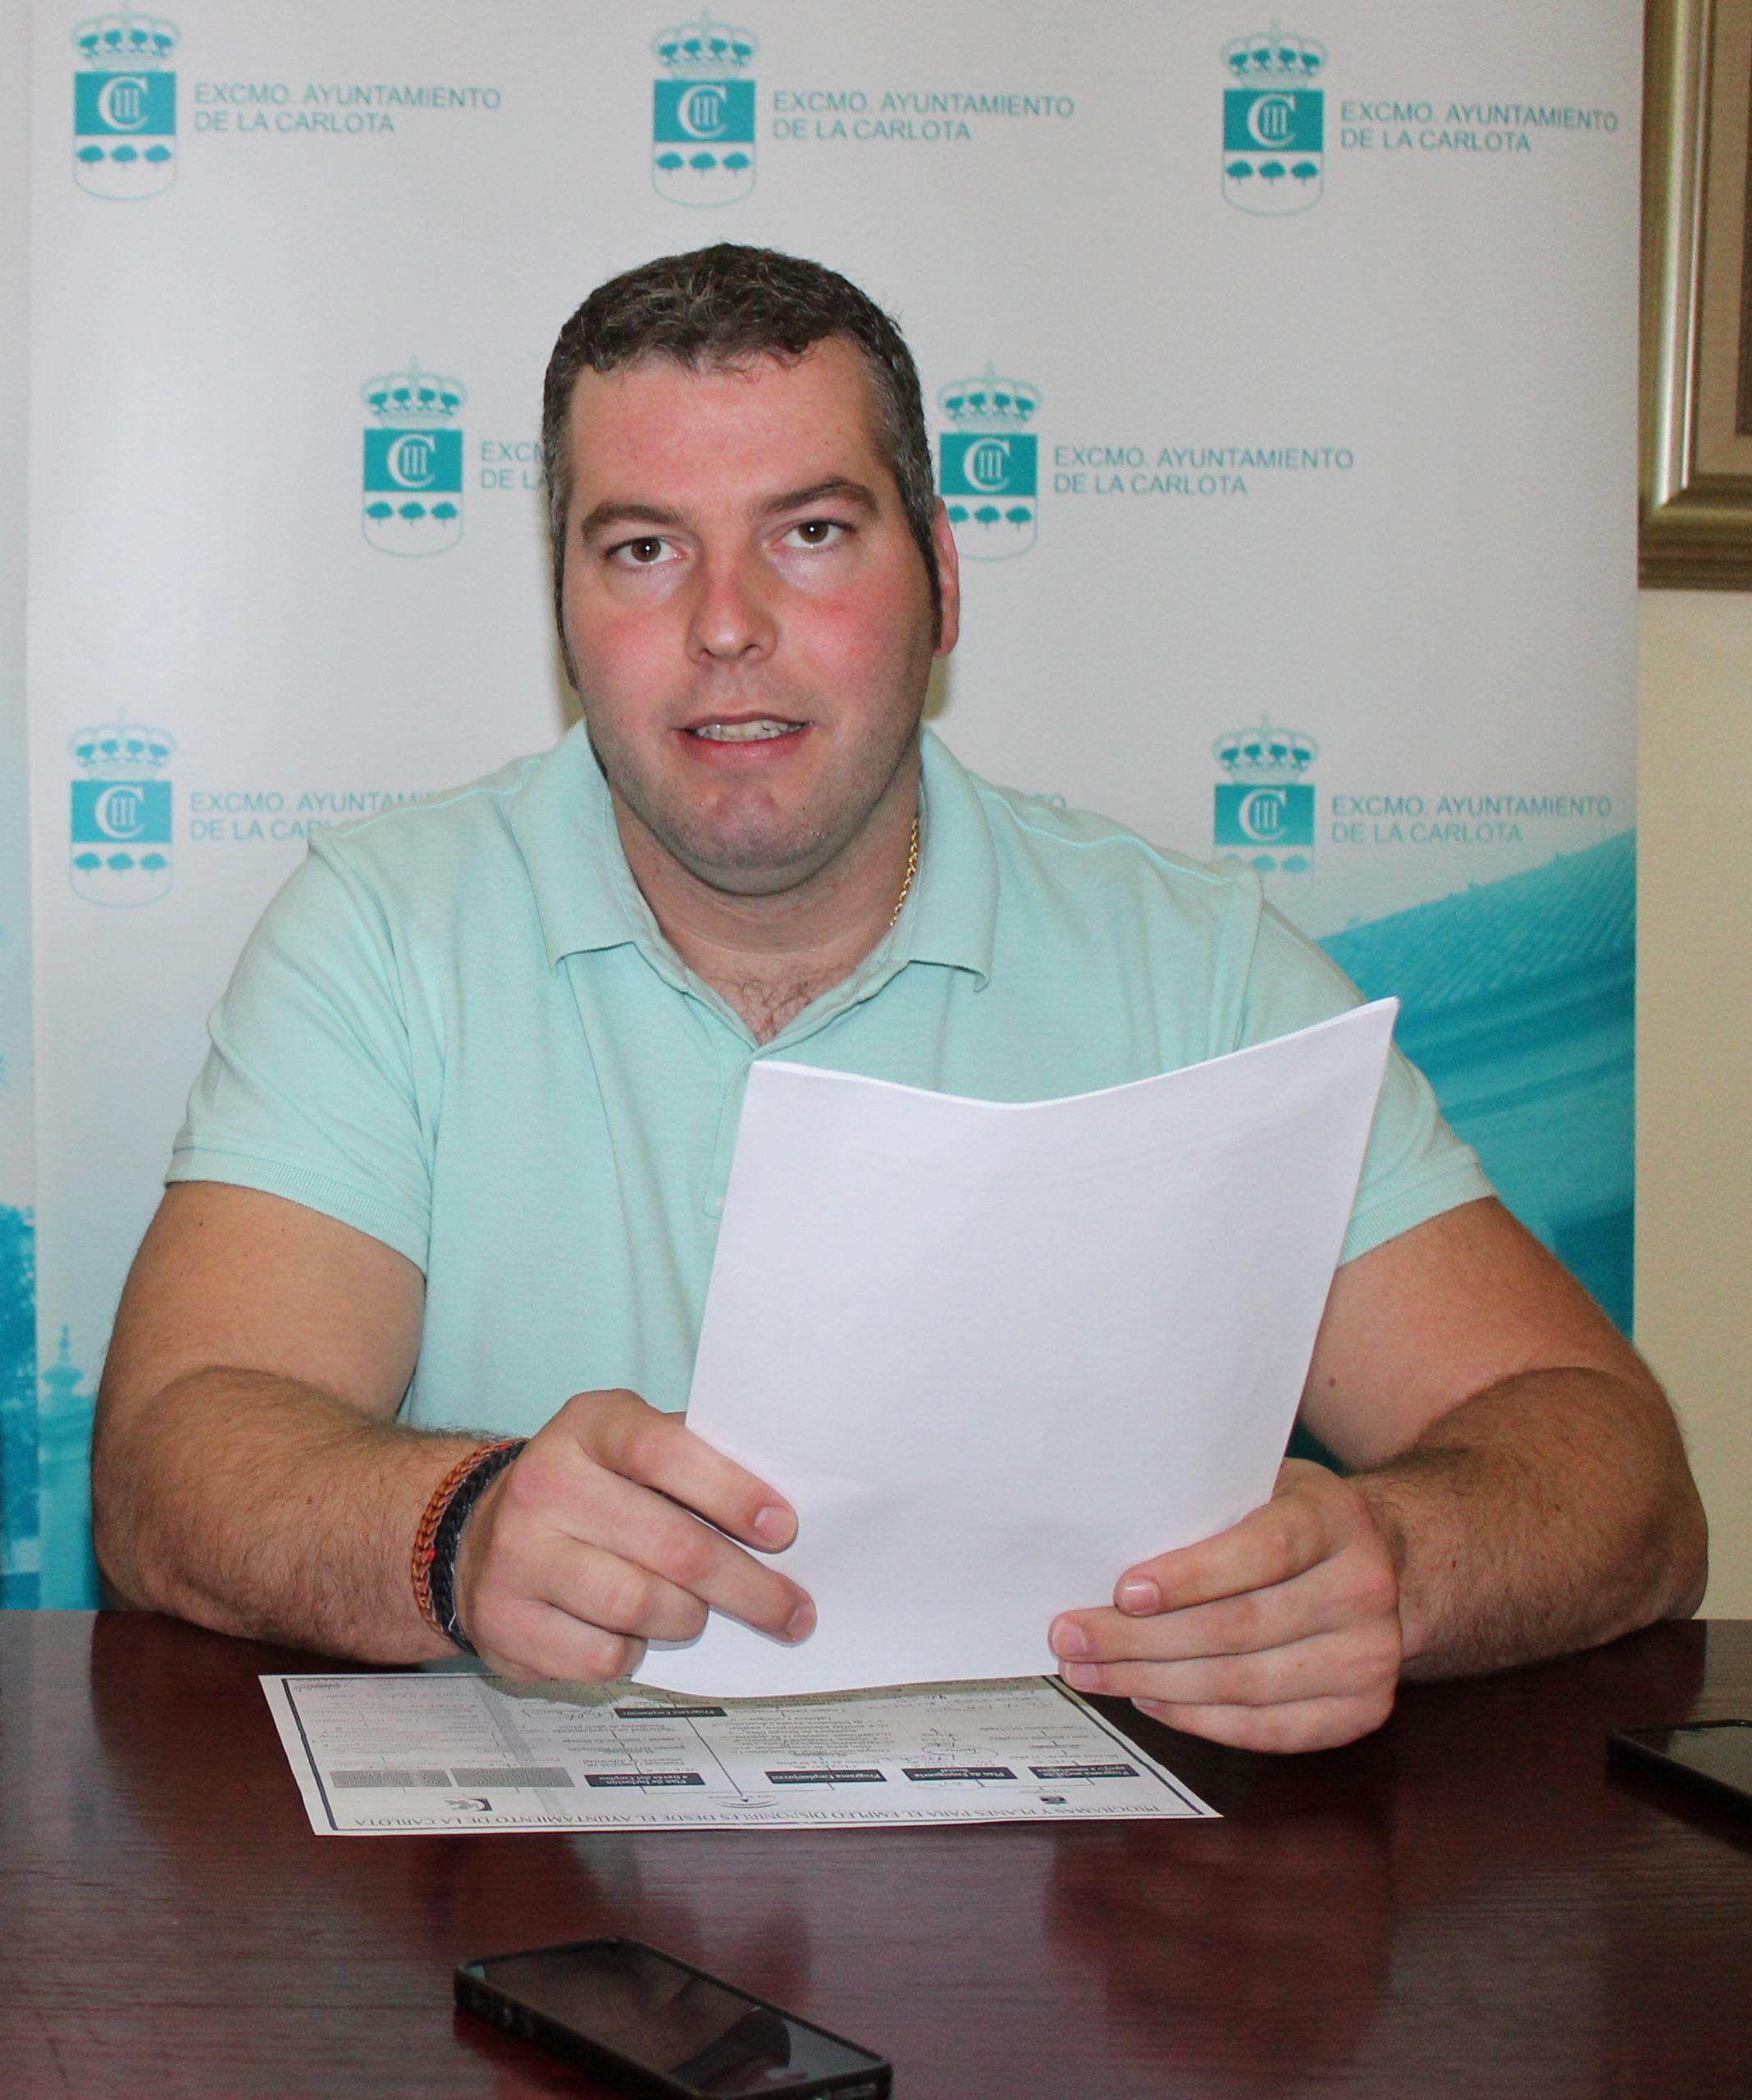 El Ayuntamiento realizará 410 contratos a través de los proyectos del PFEA 2014  1